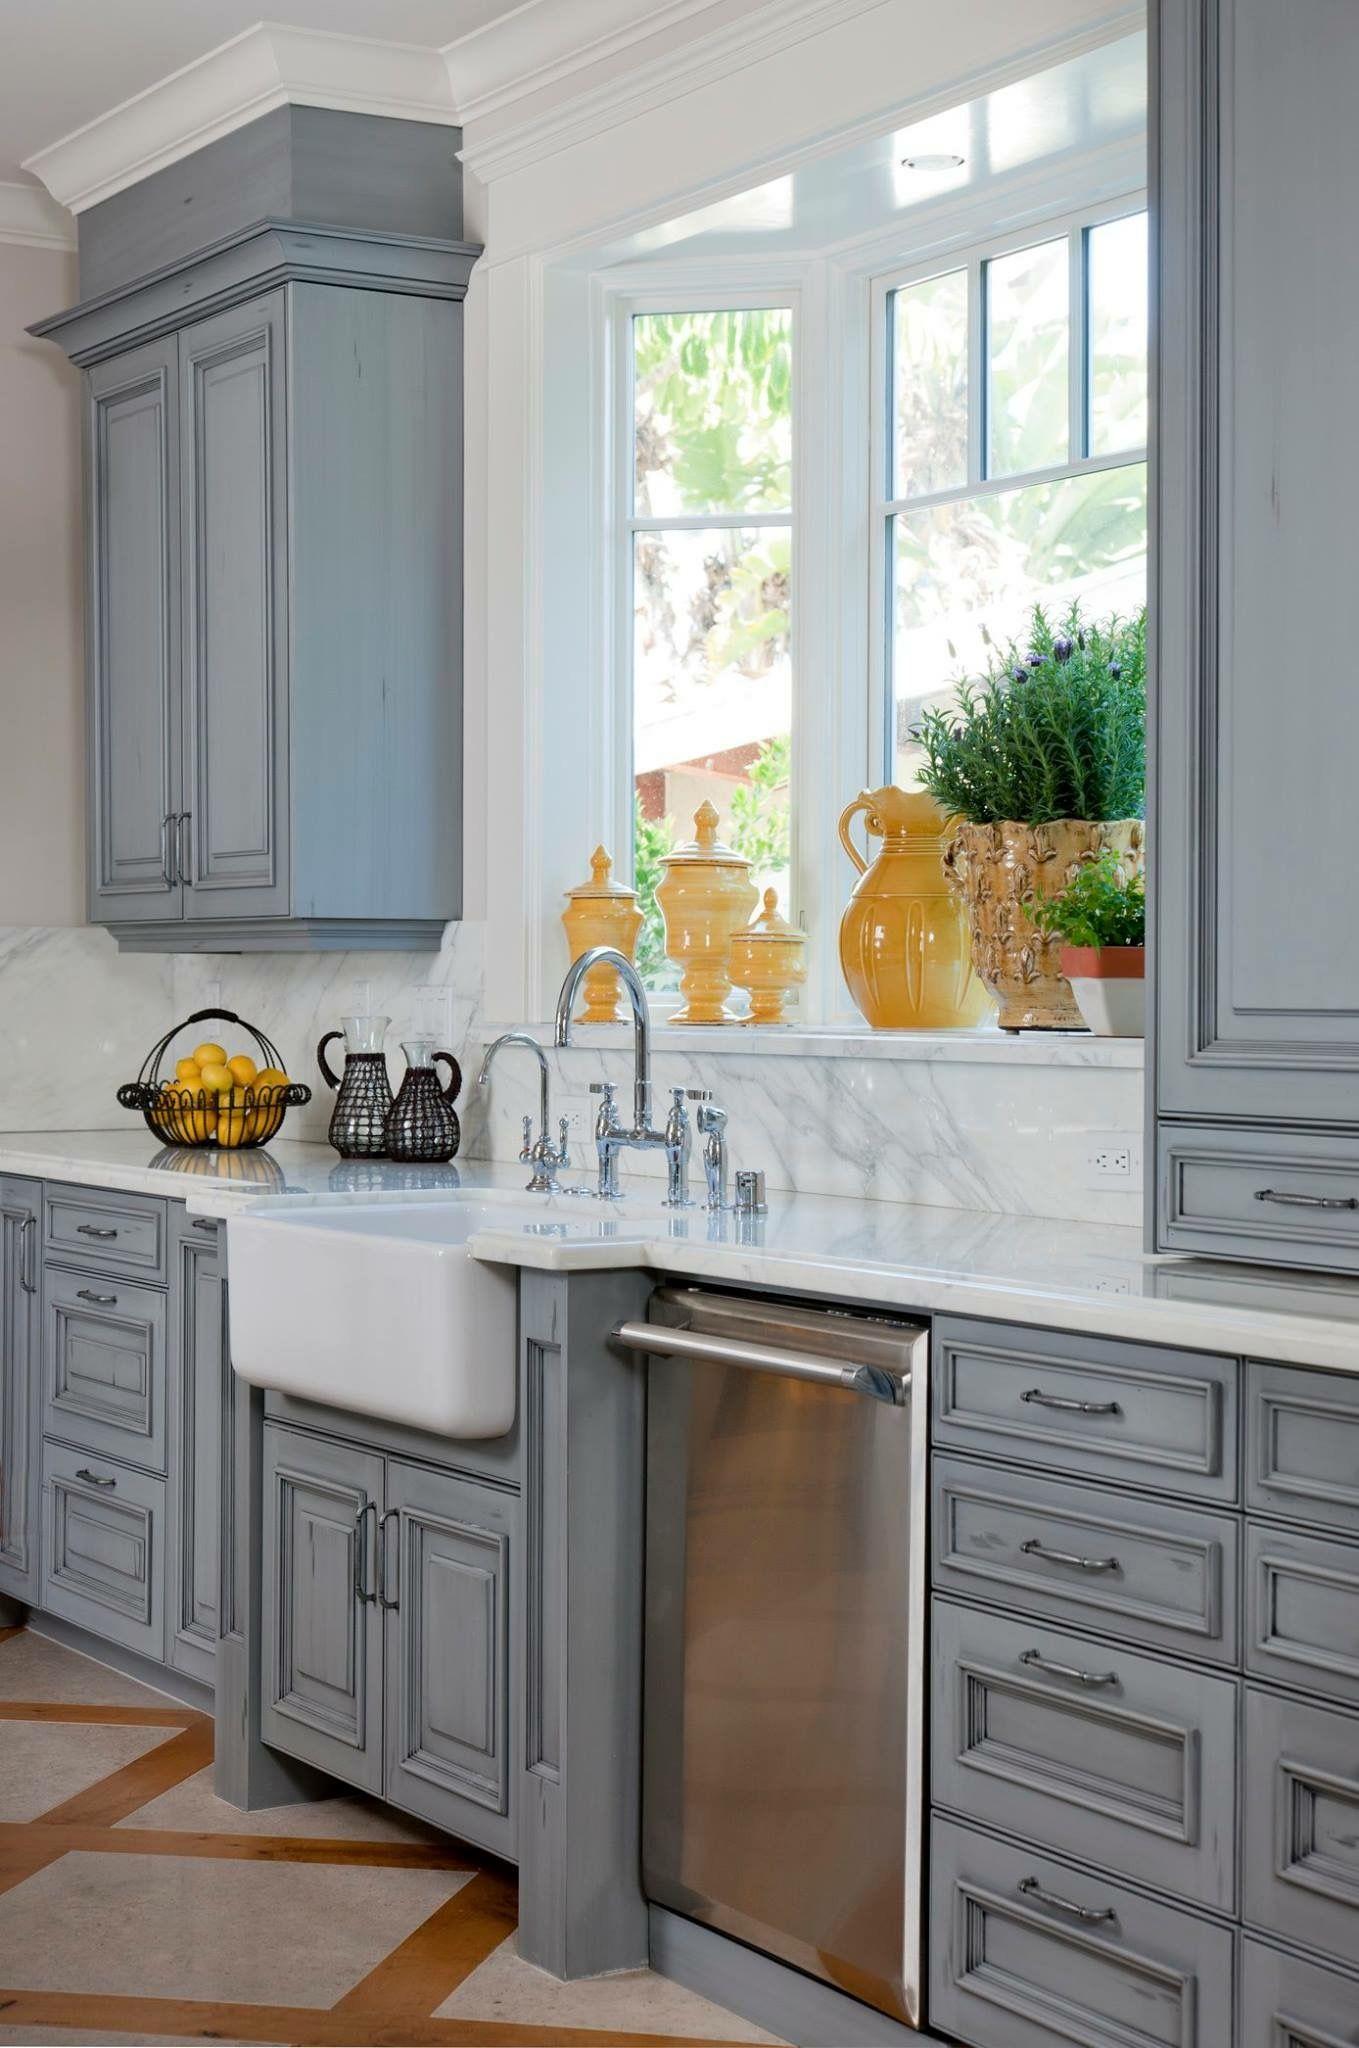 Pin by Cheri Anderson on PHX kitchen design | Kitchen ...